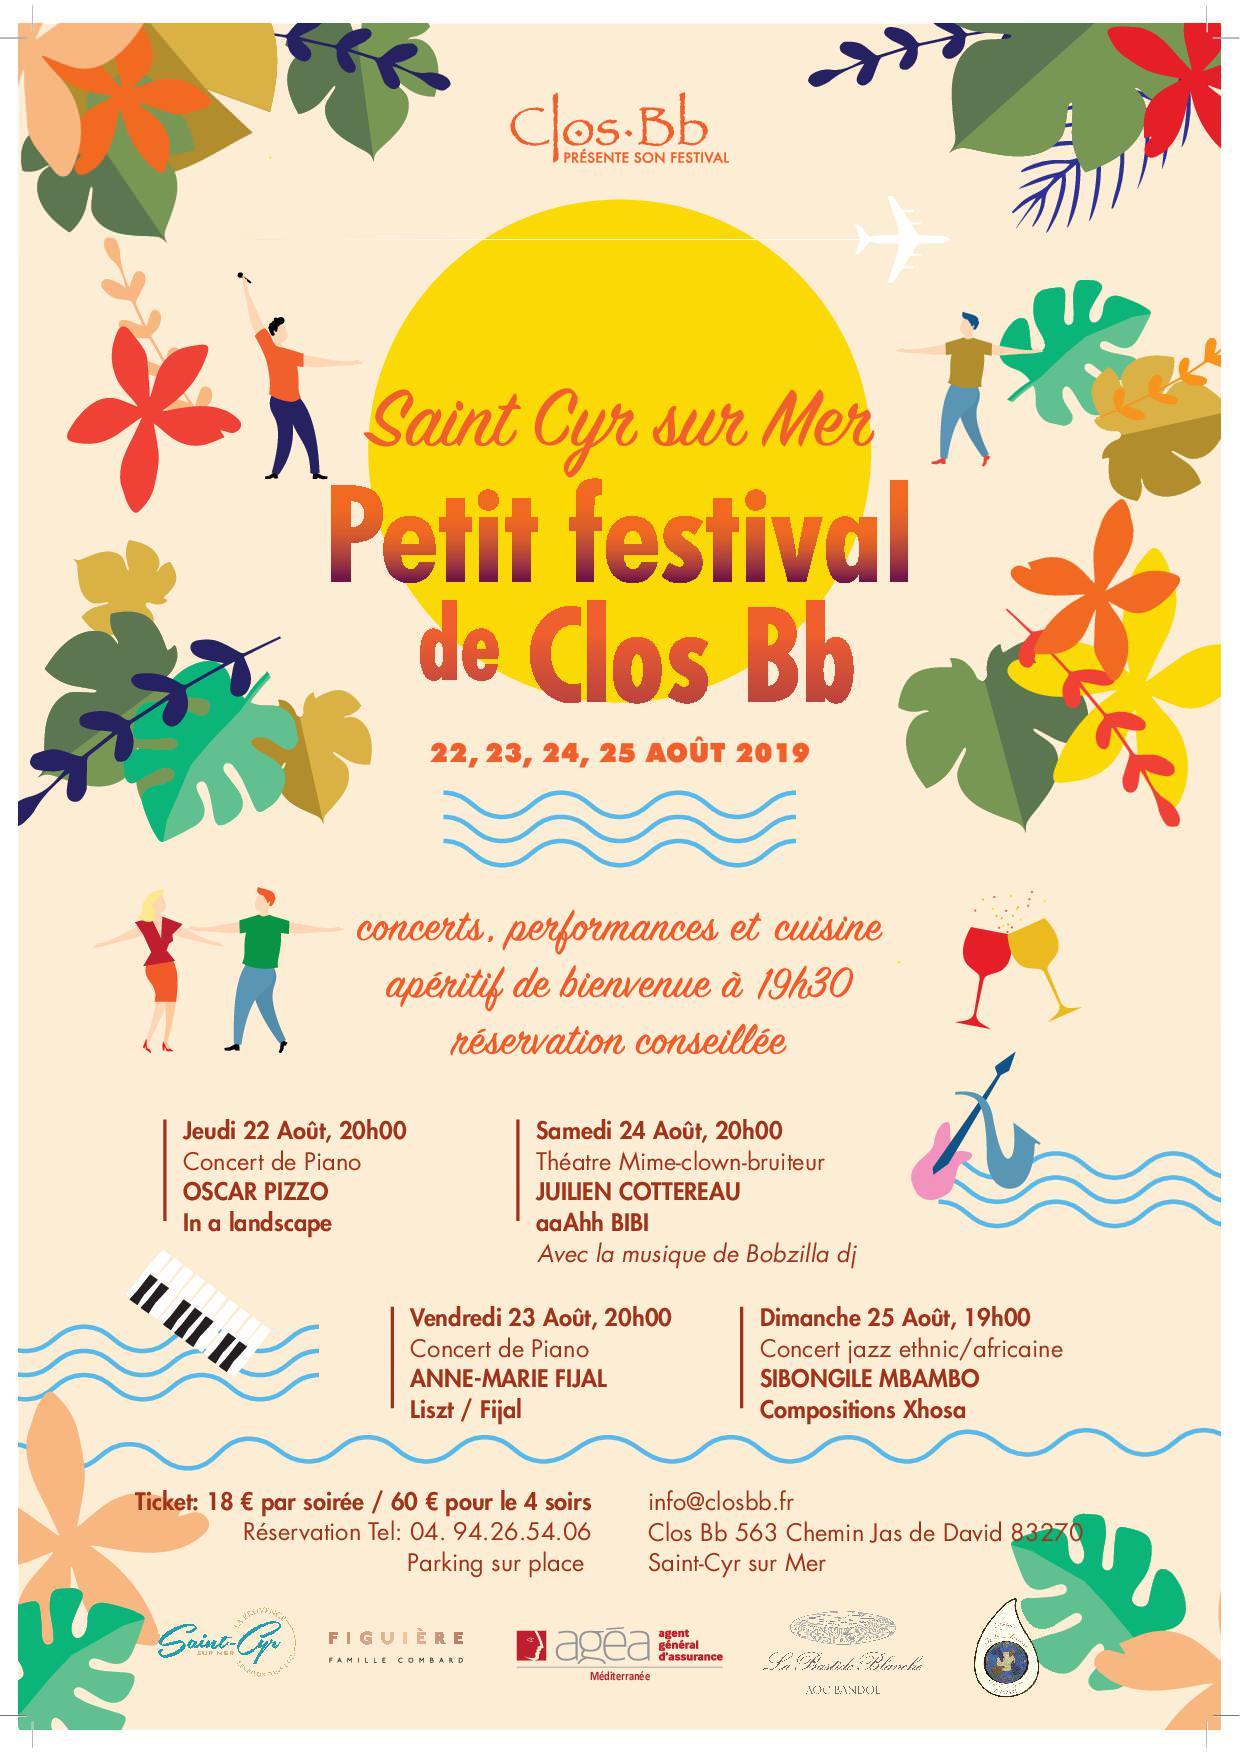 Petit festival de Clos Bb